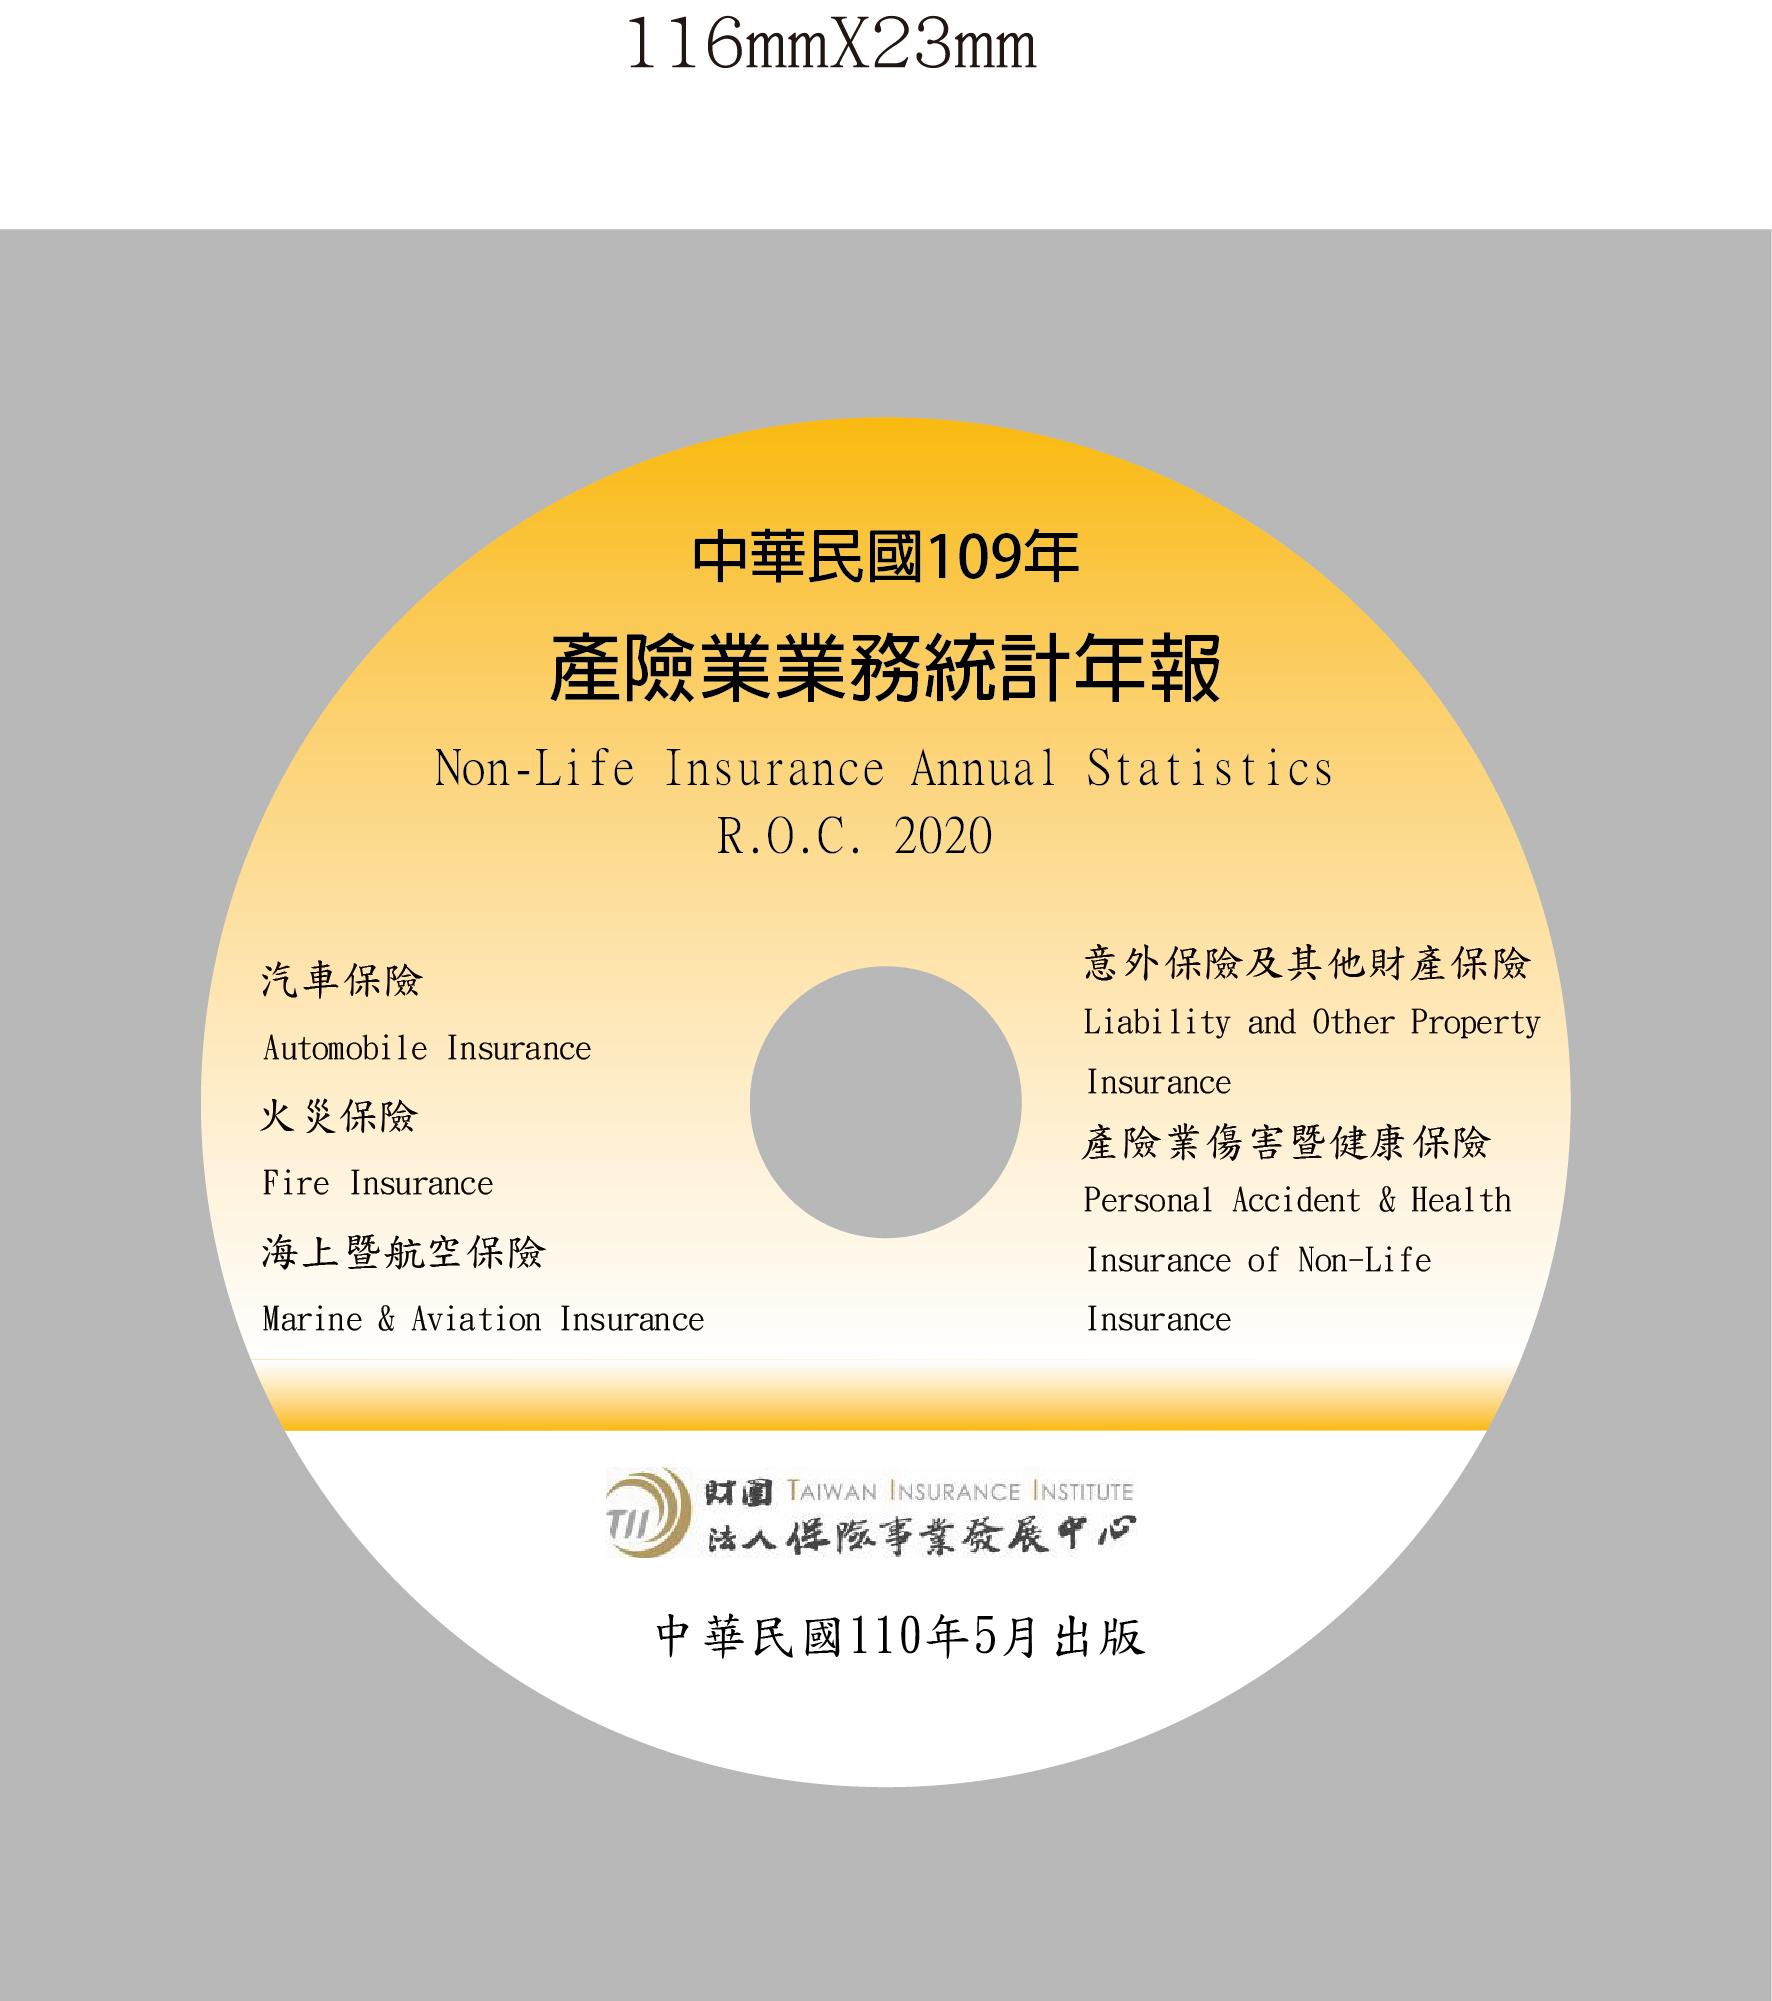 產險業業務統計年報(2020)光碟片